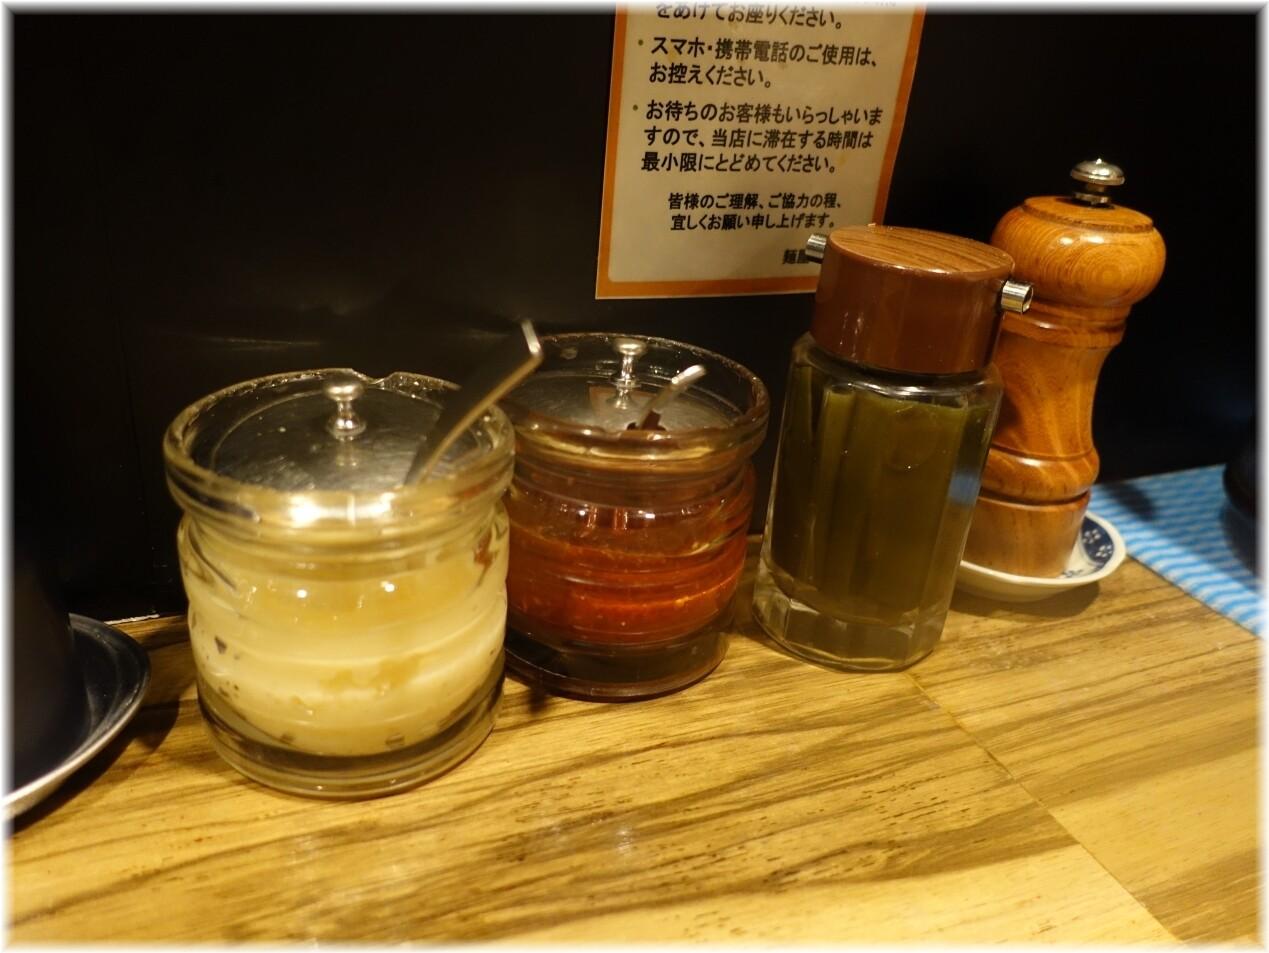 大和田 卓上の調味料